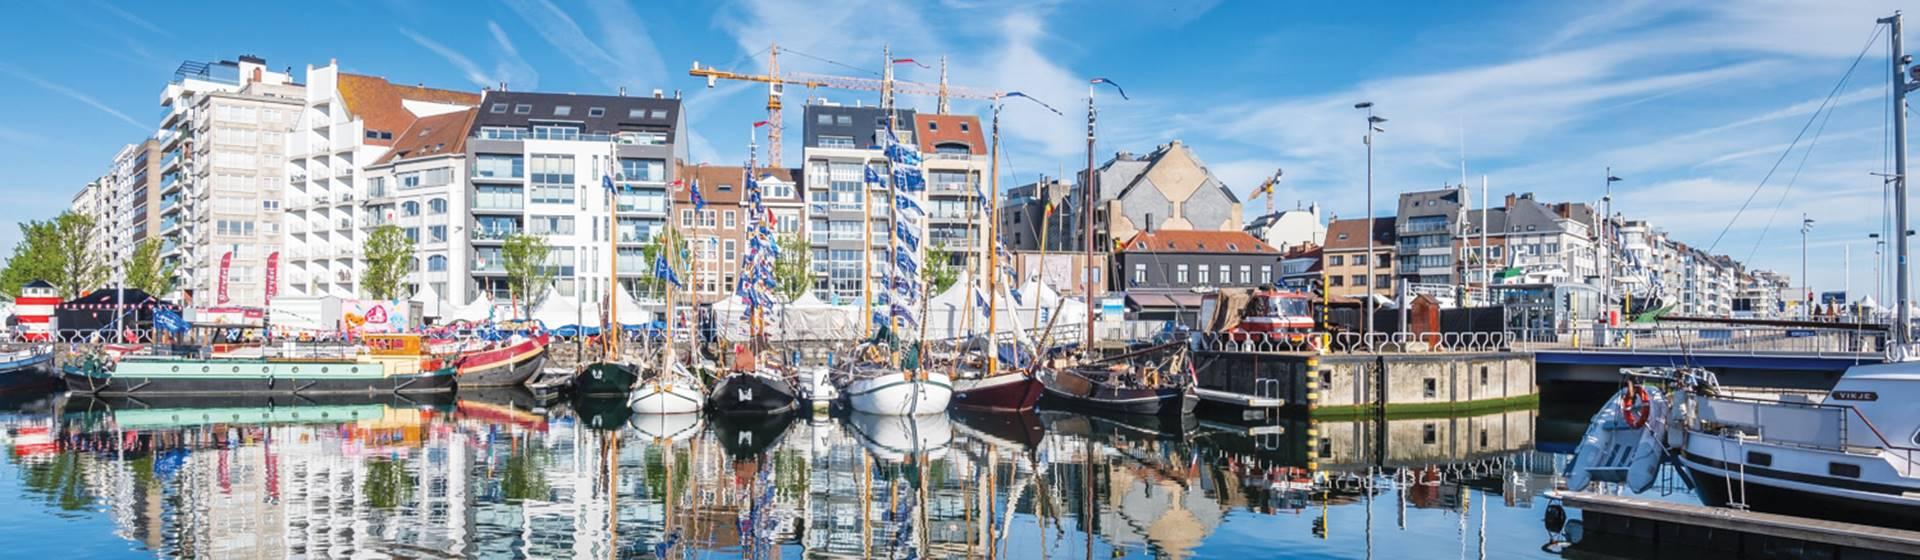 Ostend at Anchor ft Bruges & Ypres